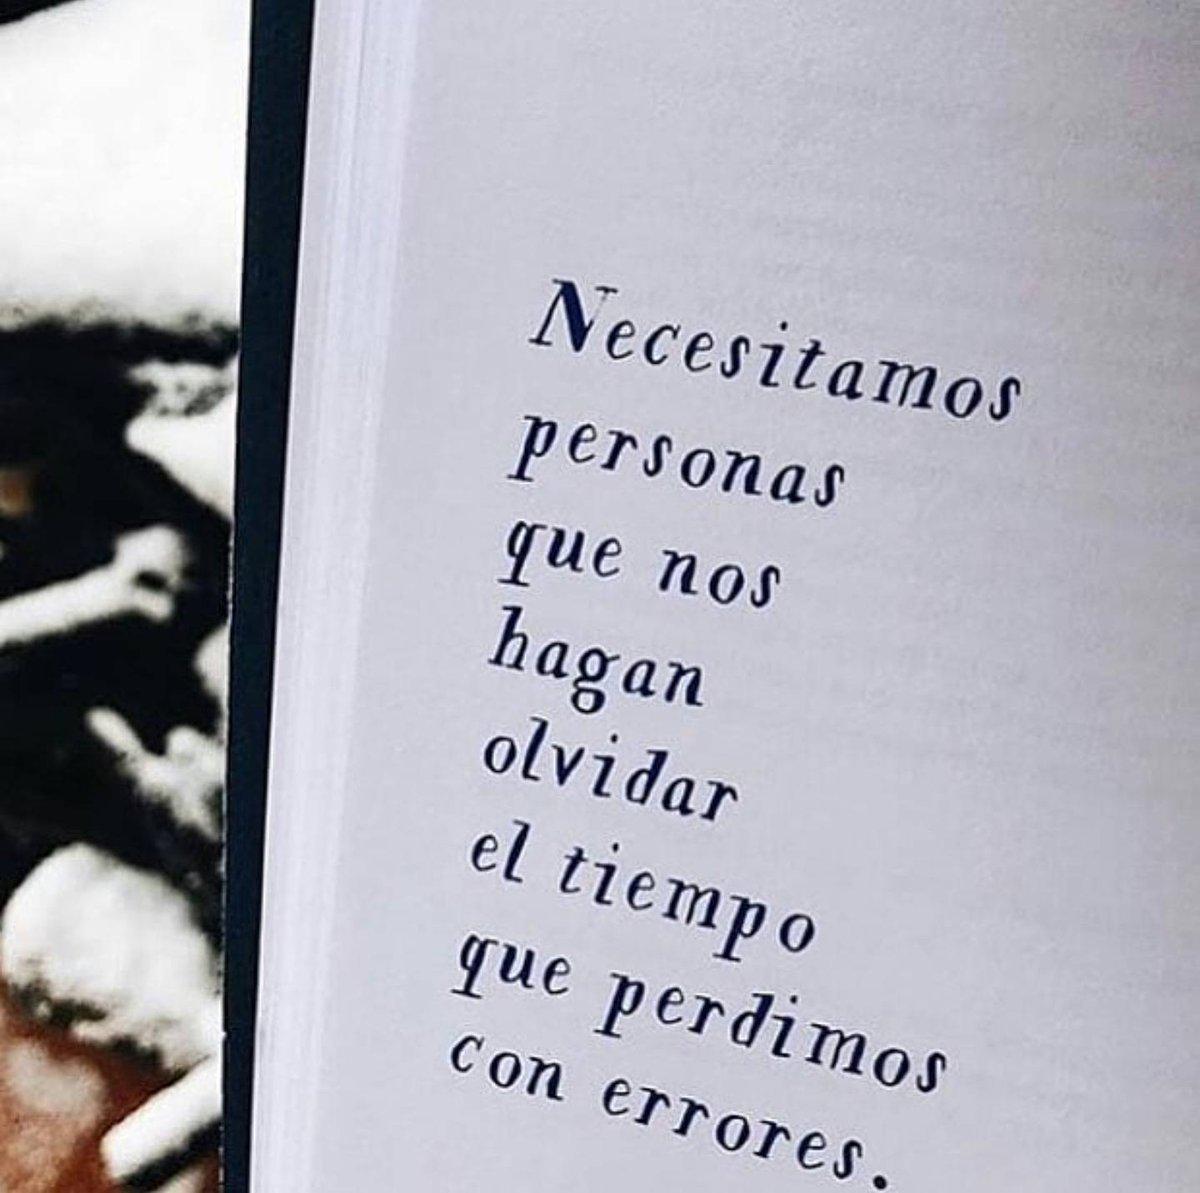 Quijotadas De Amor On Twitter Quijotadasdeamor